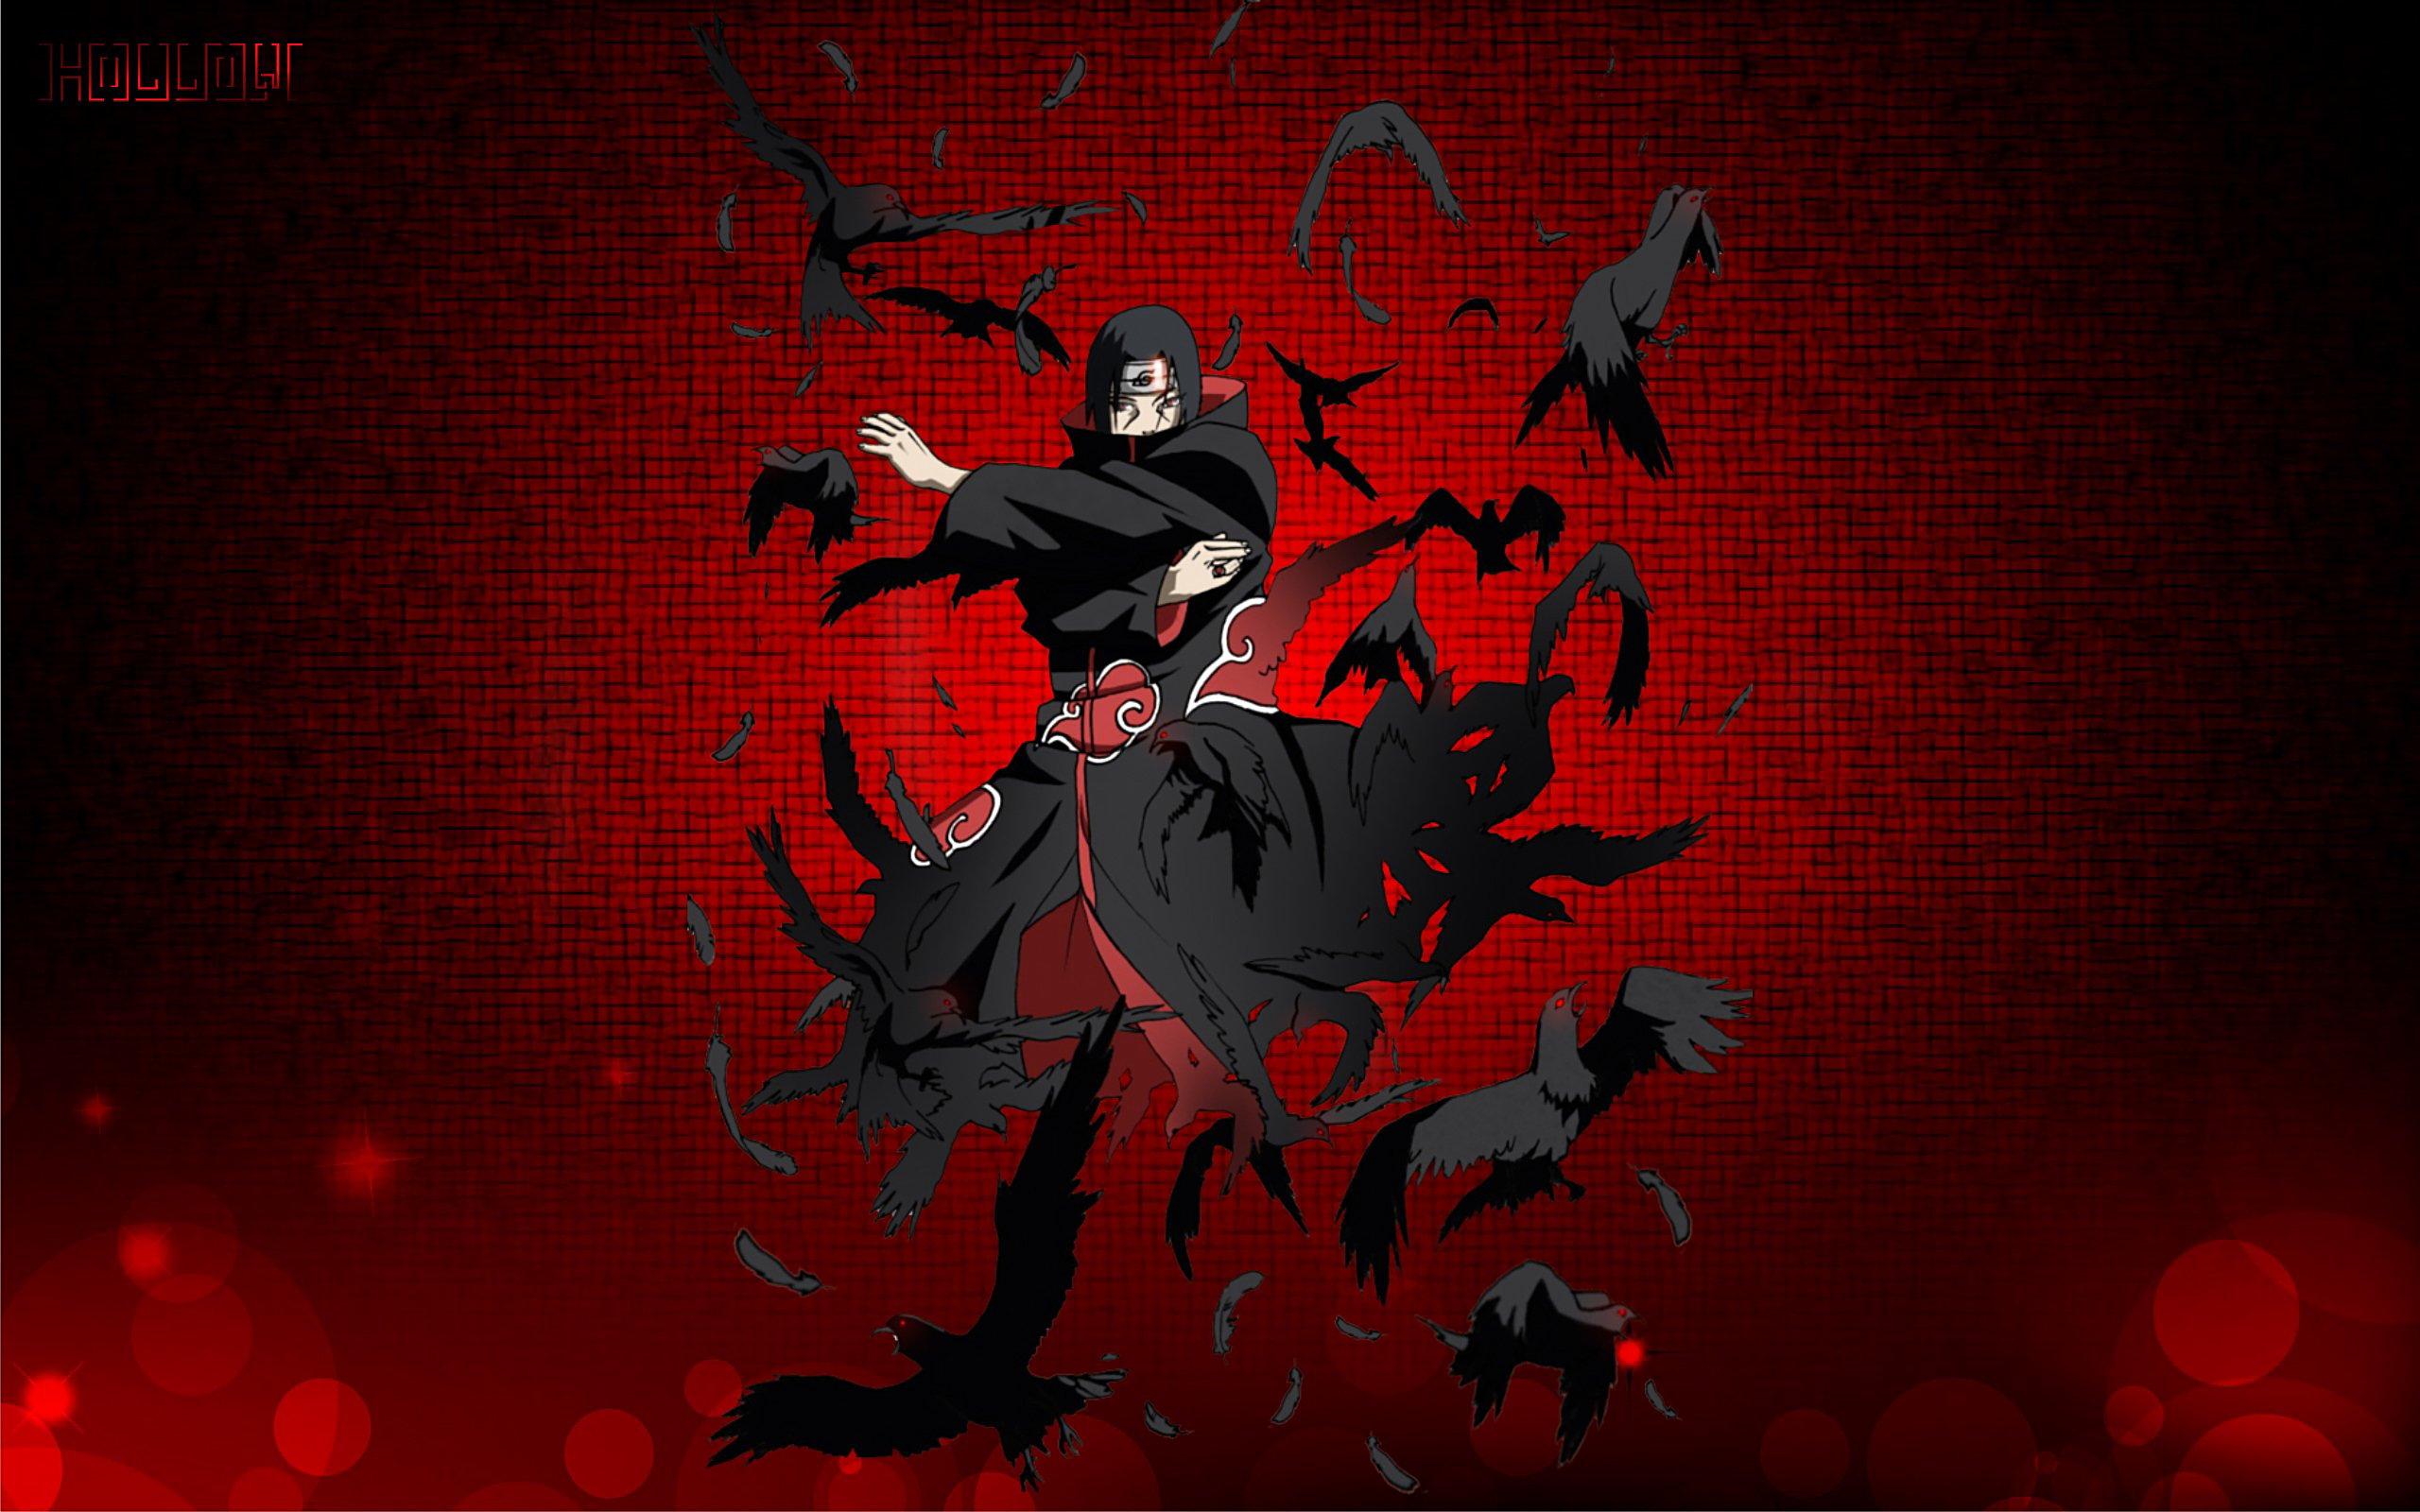 Fondos de pantalla Anime Itachi Uchiha de Naruto